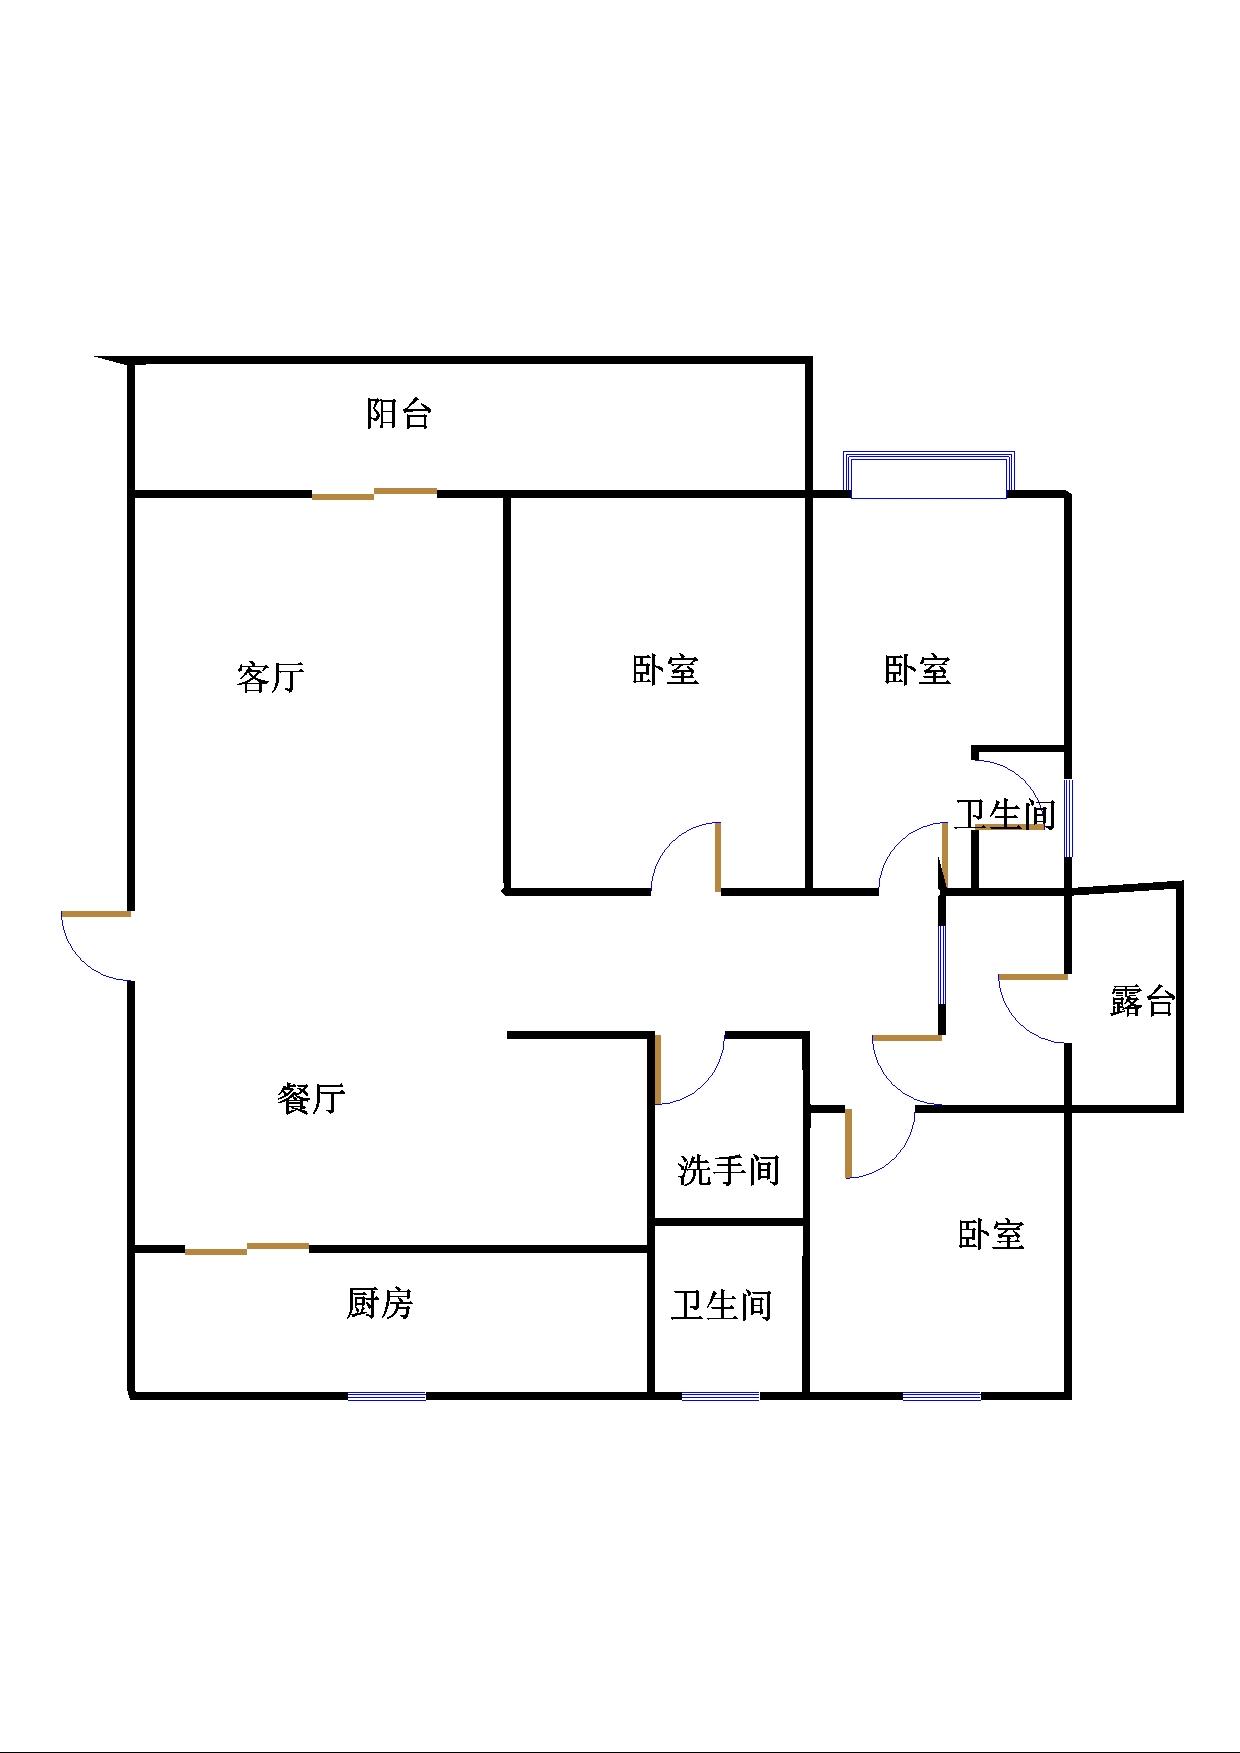 贵都花园 3室2厅 4楼